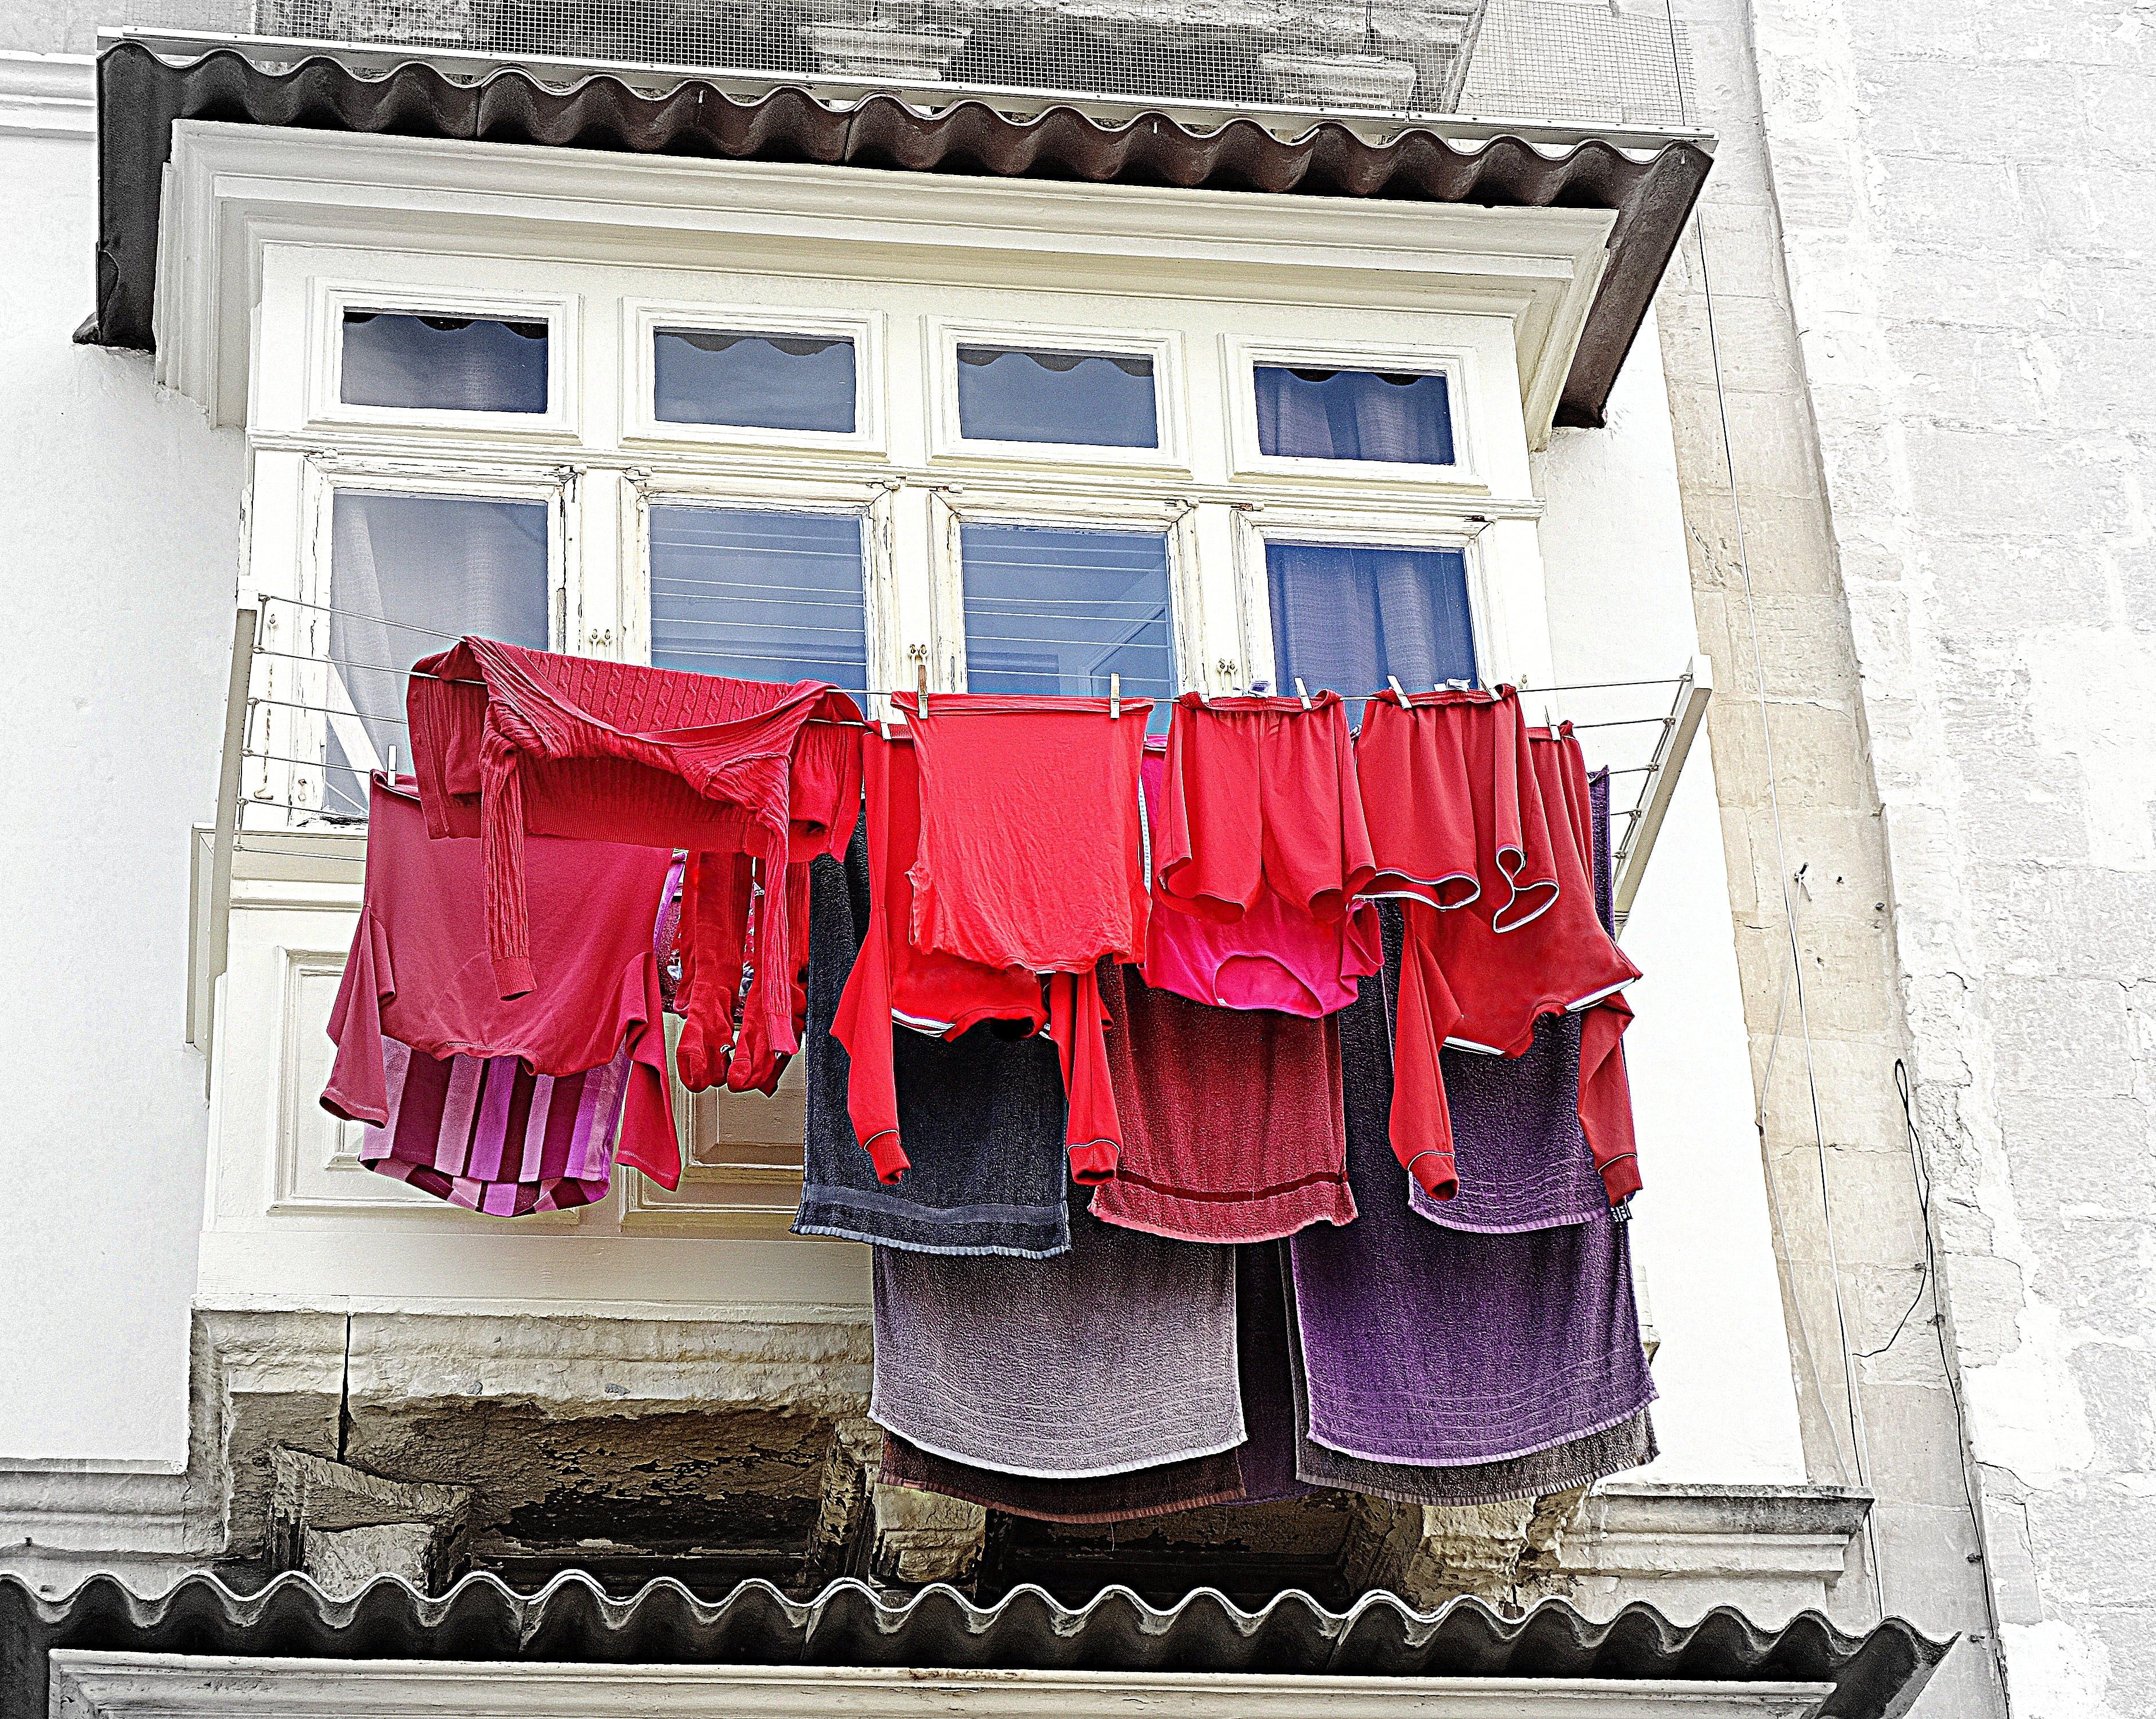 Kostenloses Stock Foto zu rot, fotografie, kleider, reise